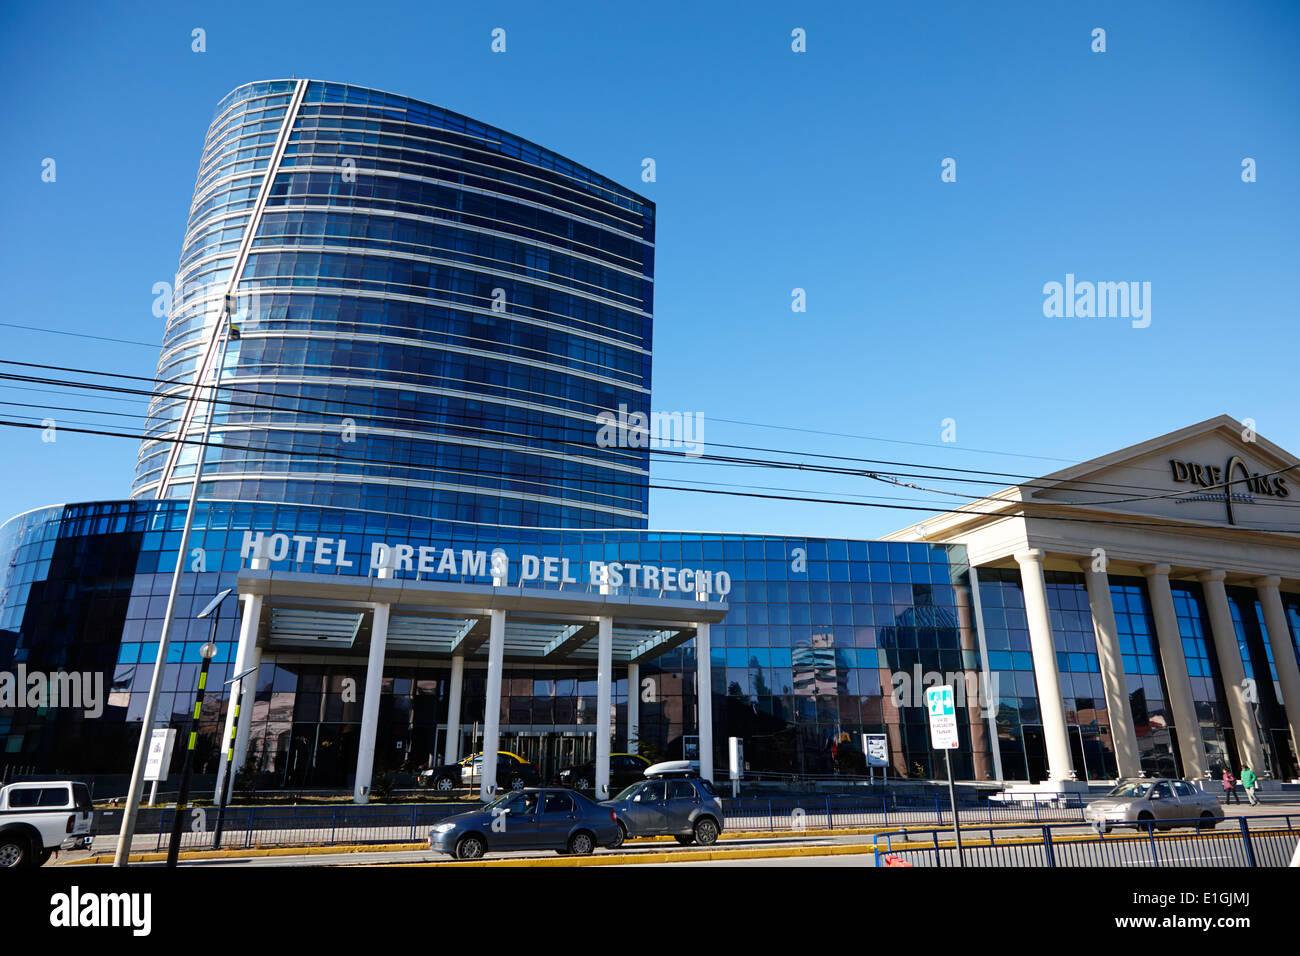 hotel dreams del estrecho and casino Punta Arenas Chile - Stock Image